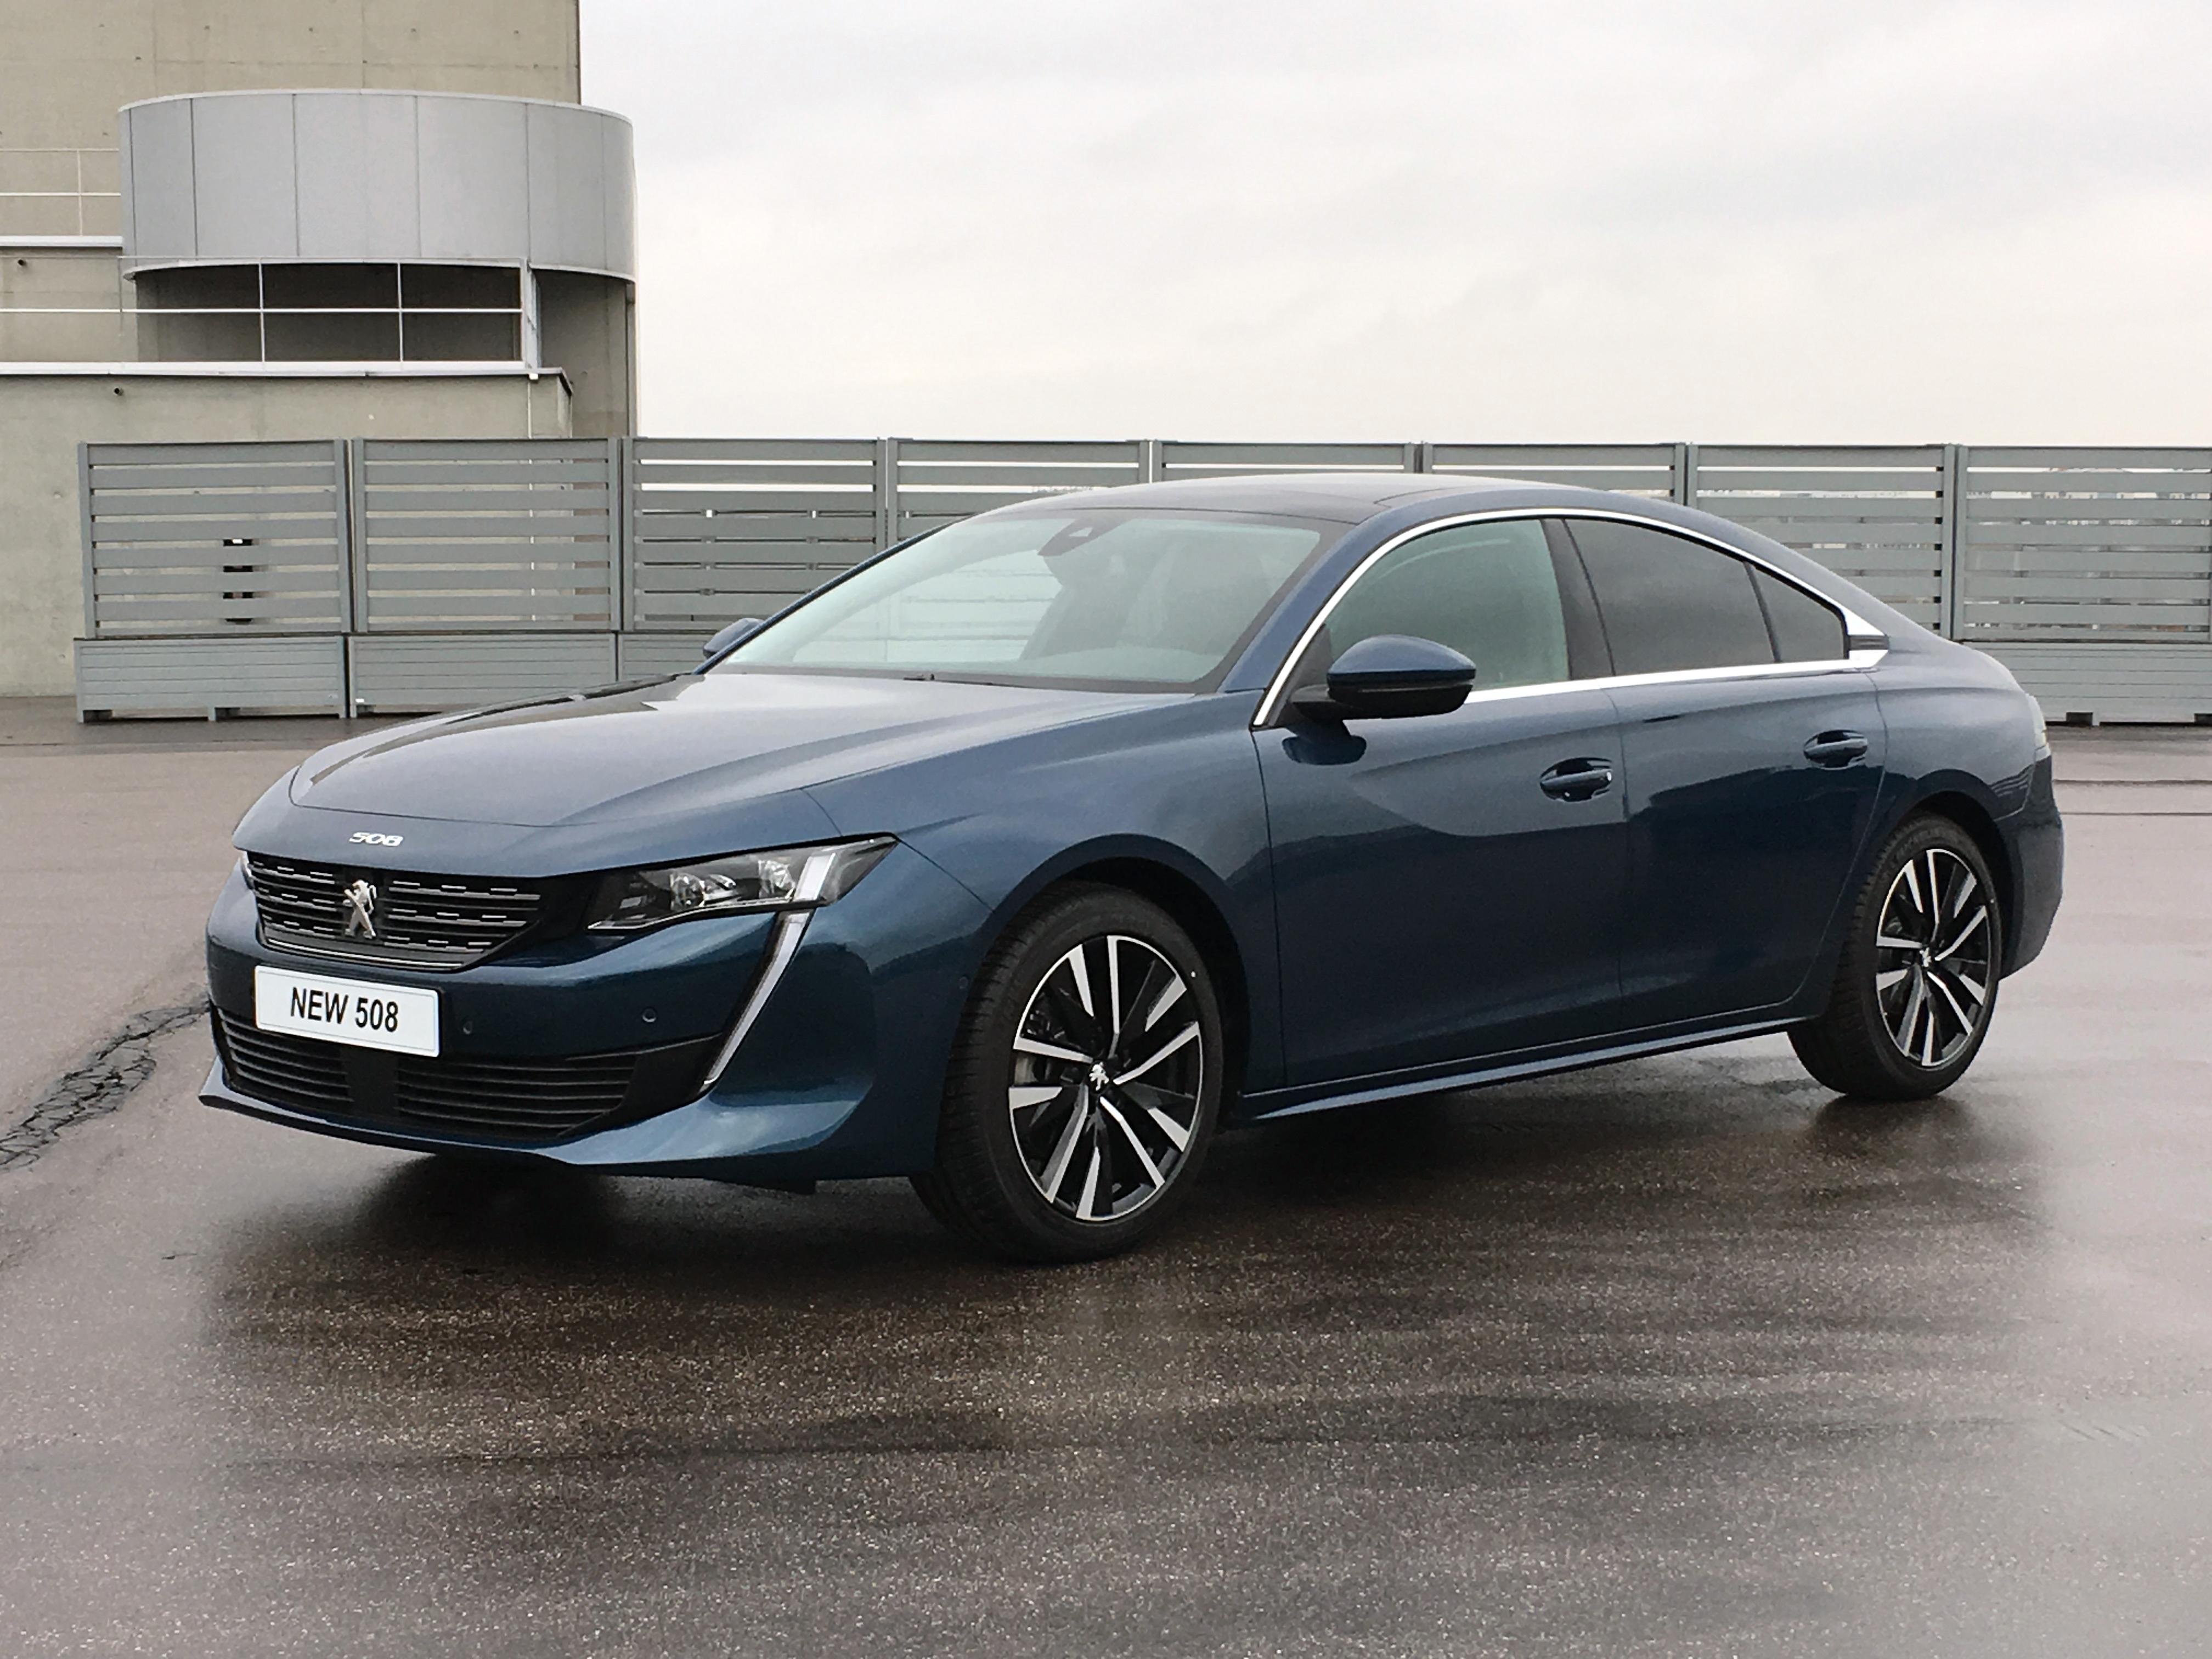 2018- [Peugeot] 508 II [R82/R83] - Page 3 S0-presentation-video-nouvelle-peugeot-508-toutes-les-secrets-de-la-nouevlle-berline-du-lion-539031